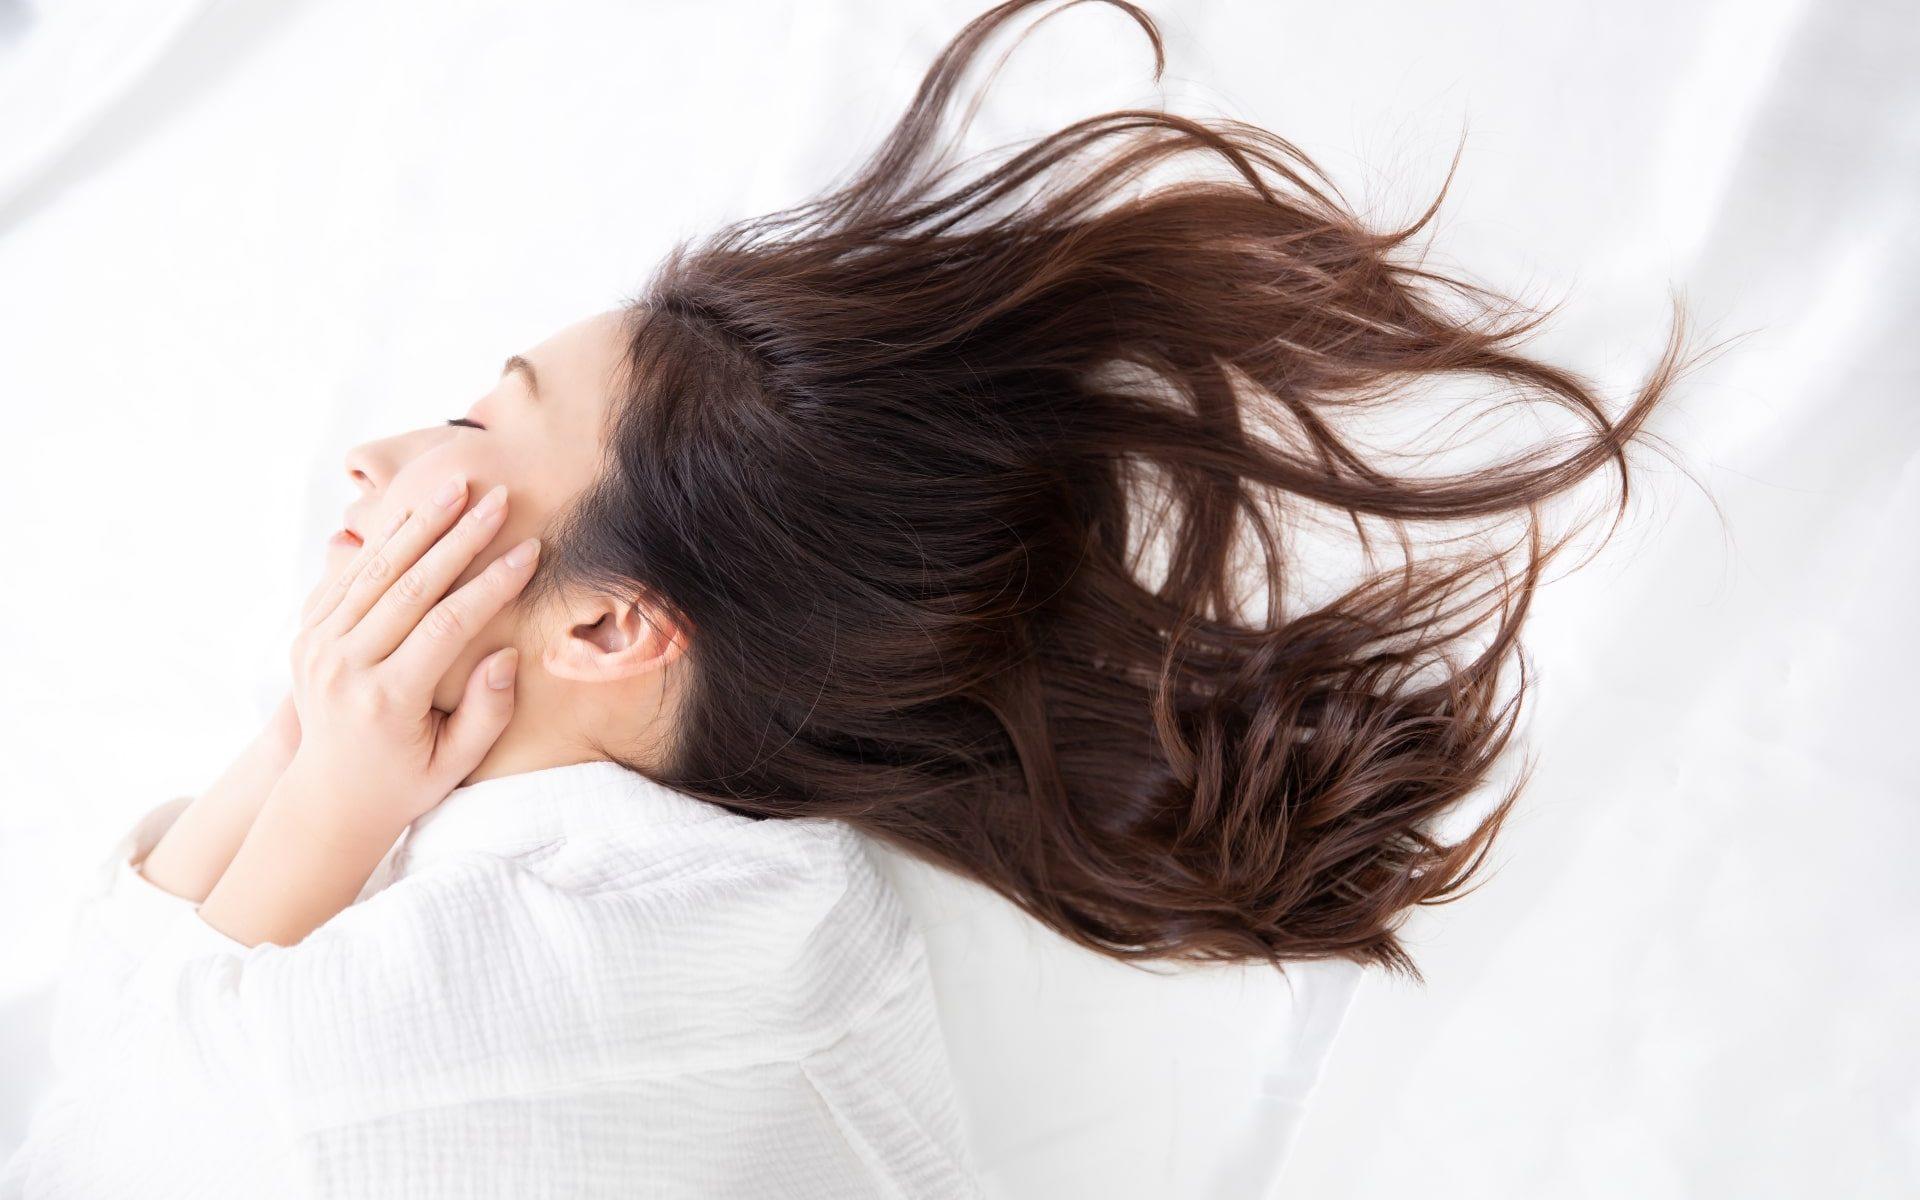 「頭皮タトゥー」髪と頭皮のハーブ専門店から新しい薄毛対策!